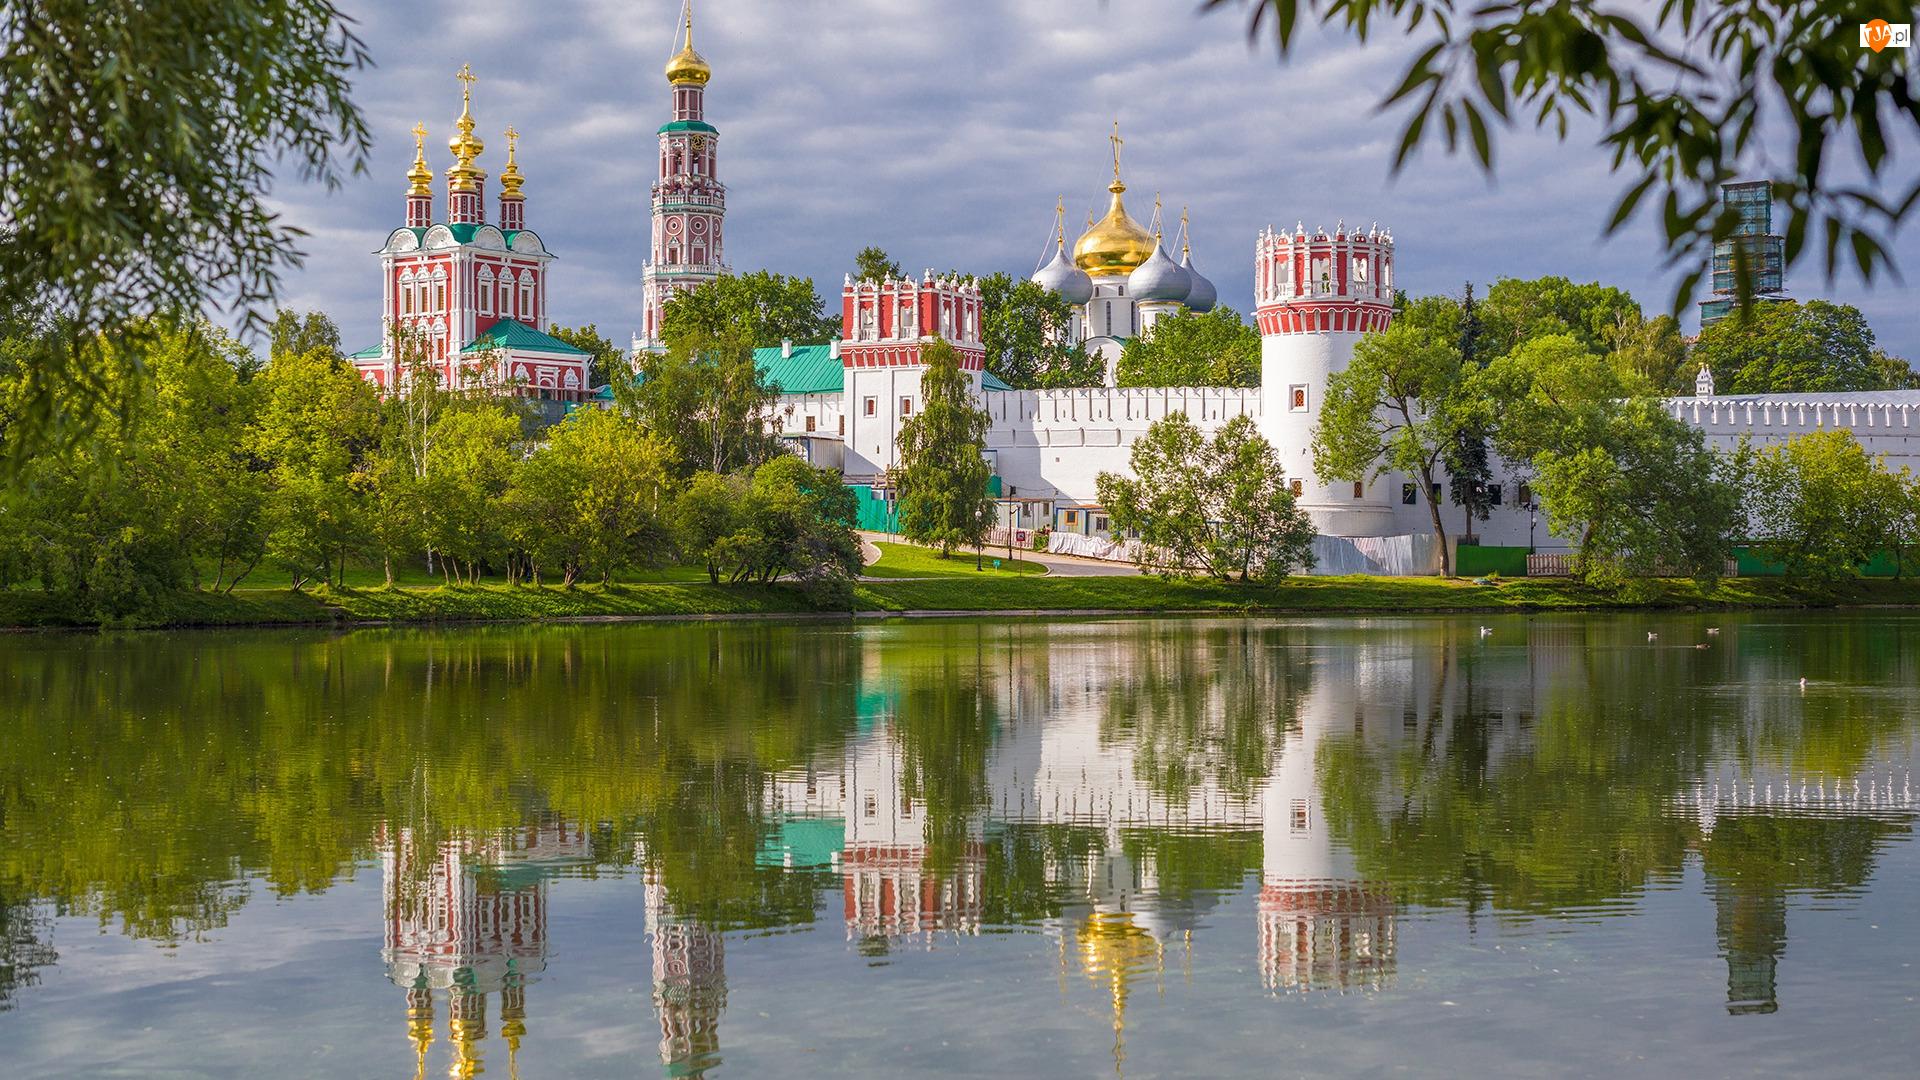 Rzeka Moskwa, Rosja, Muzeum, Kościół, Moskwa, Monaster Nowodziewiczy, Drzewa, Klasztor